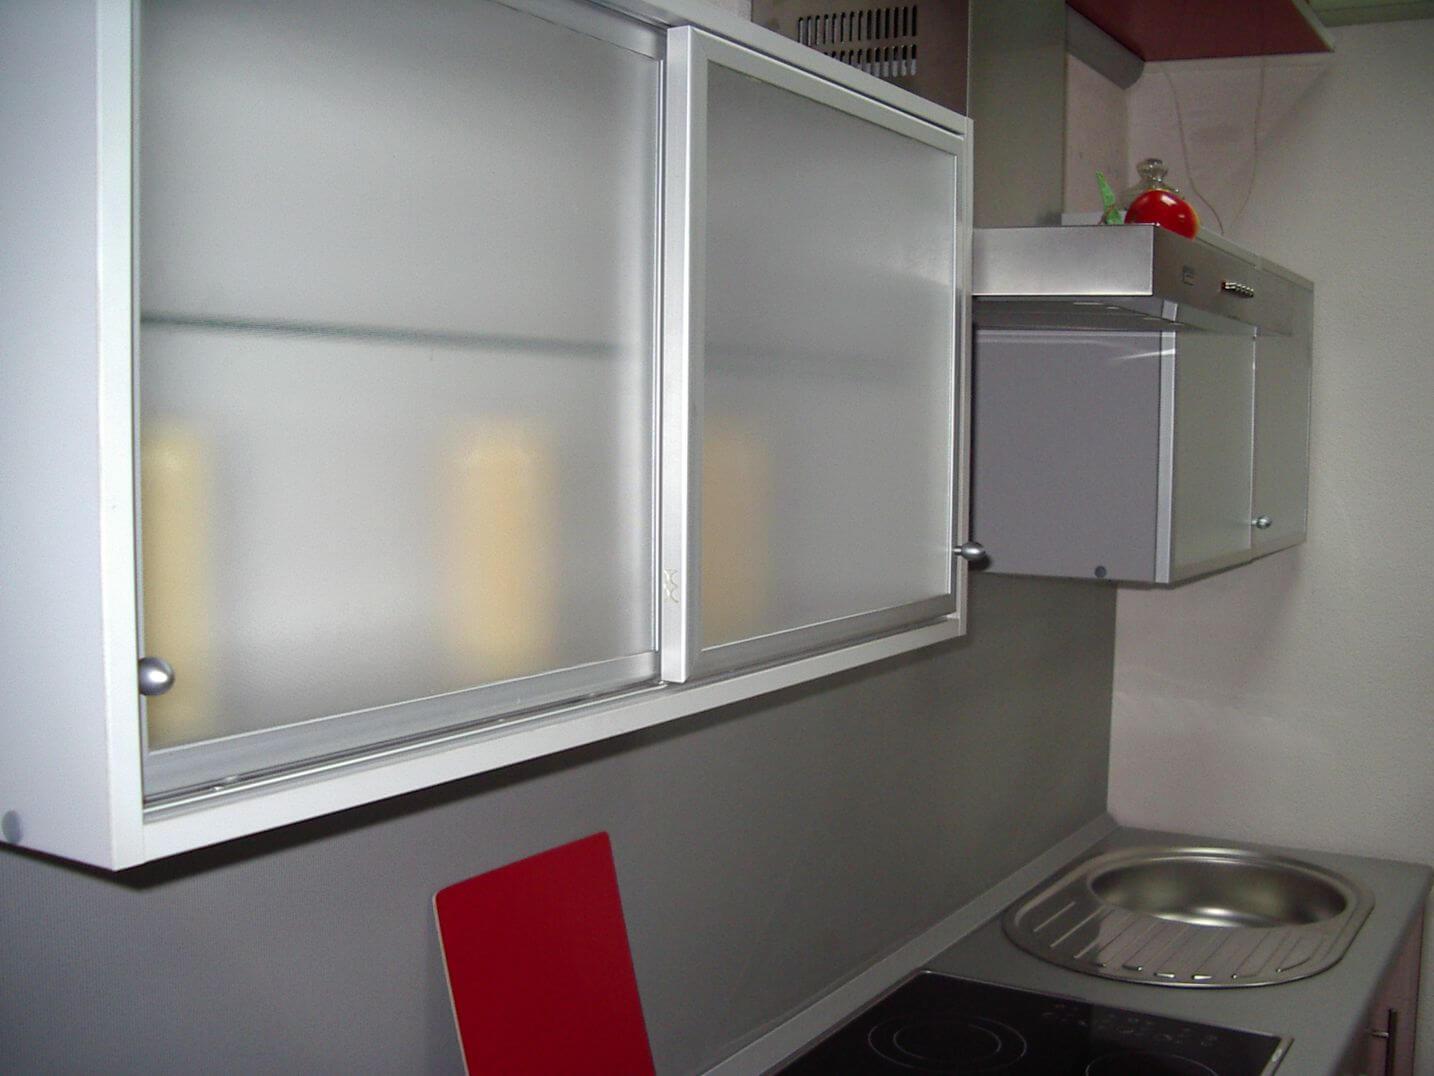 Раздвижные двери для кухонного шкафа своими руками 13